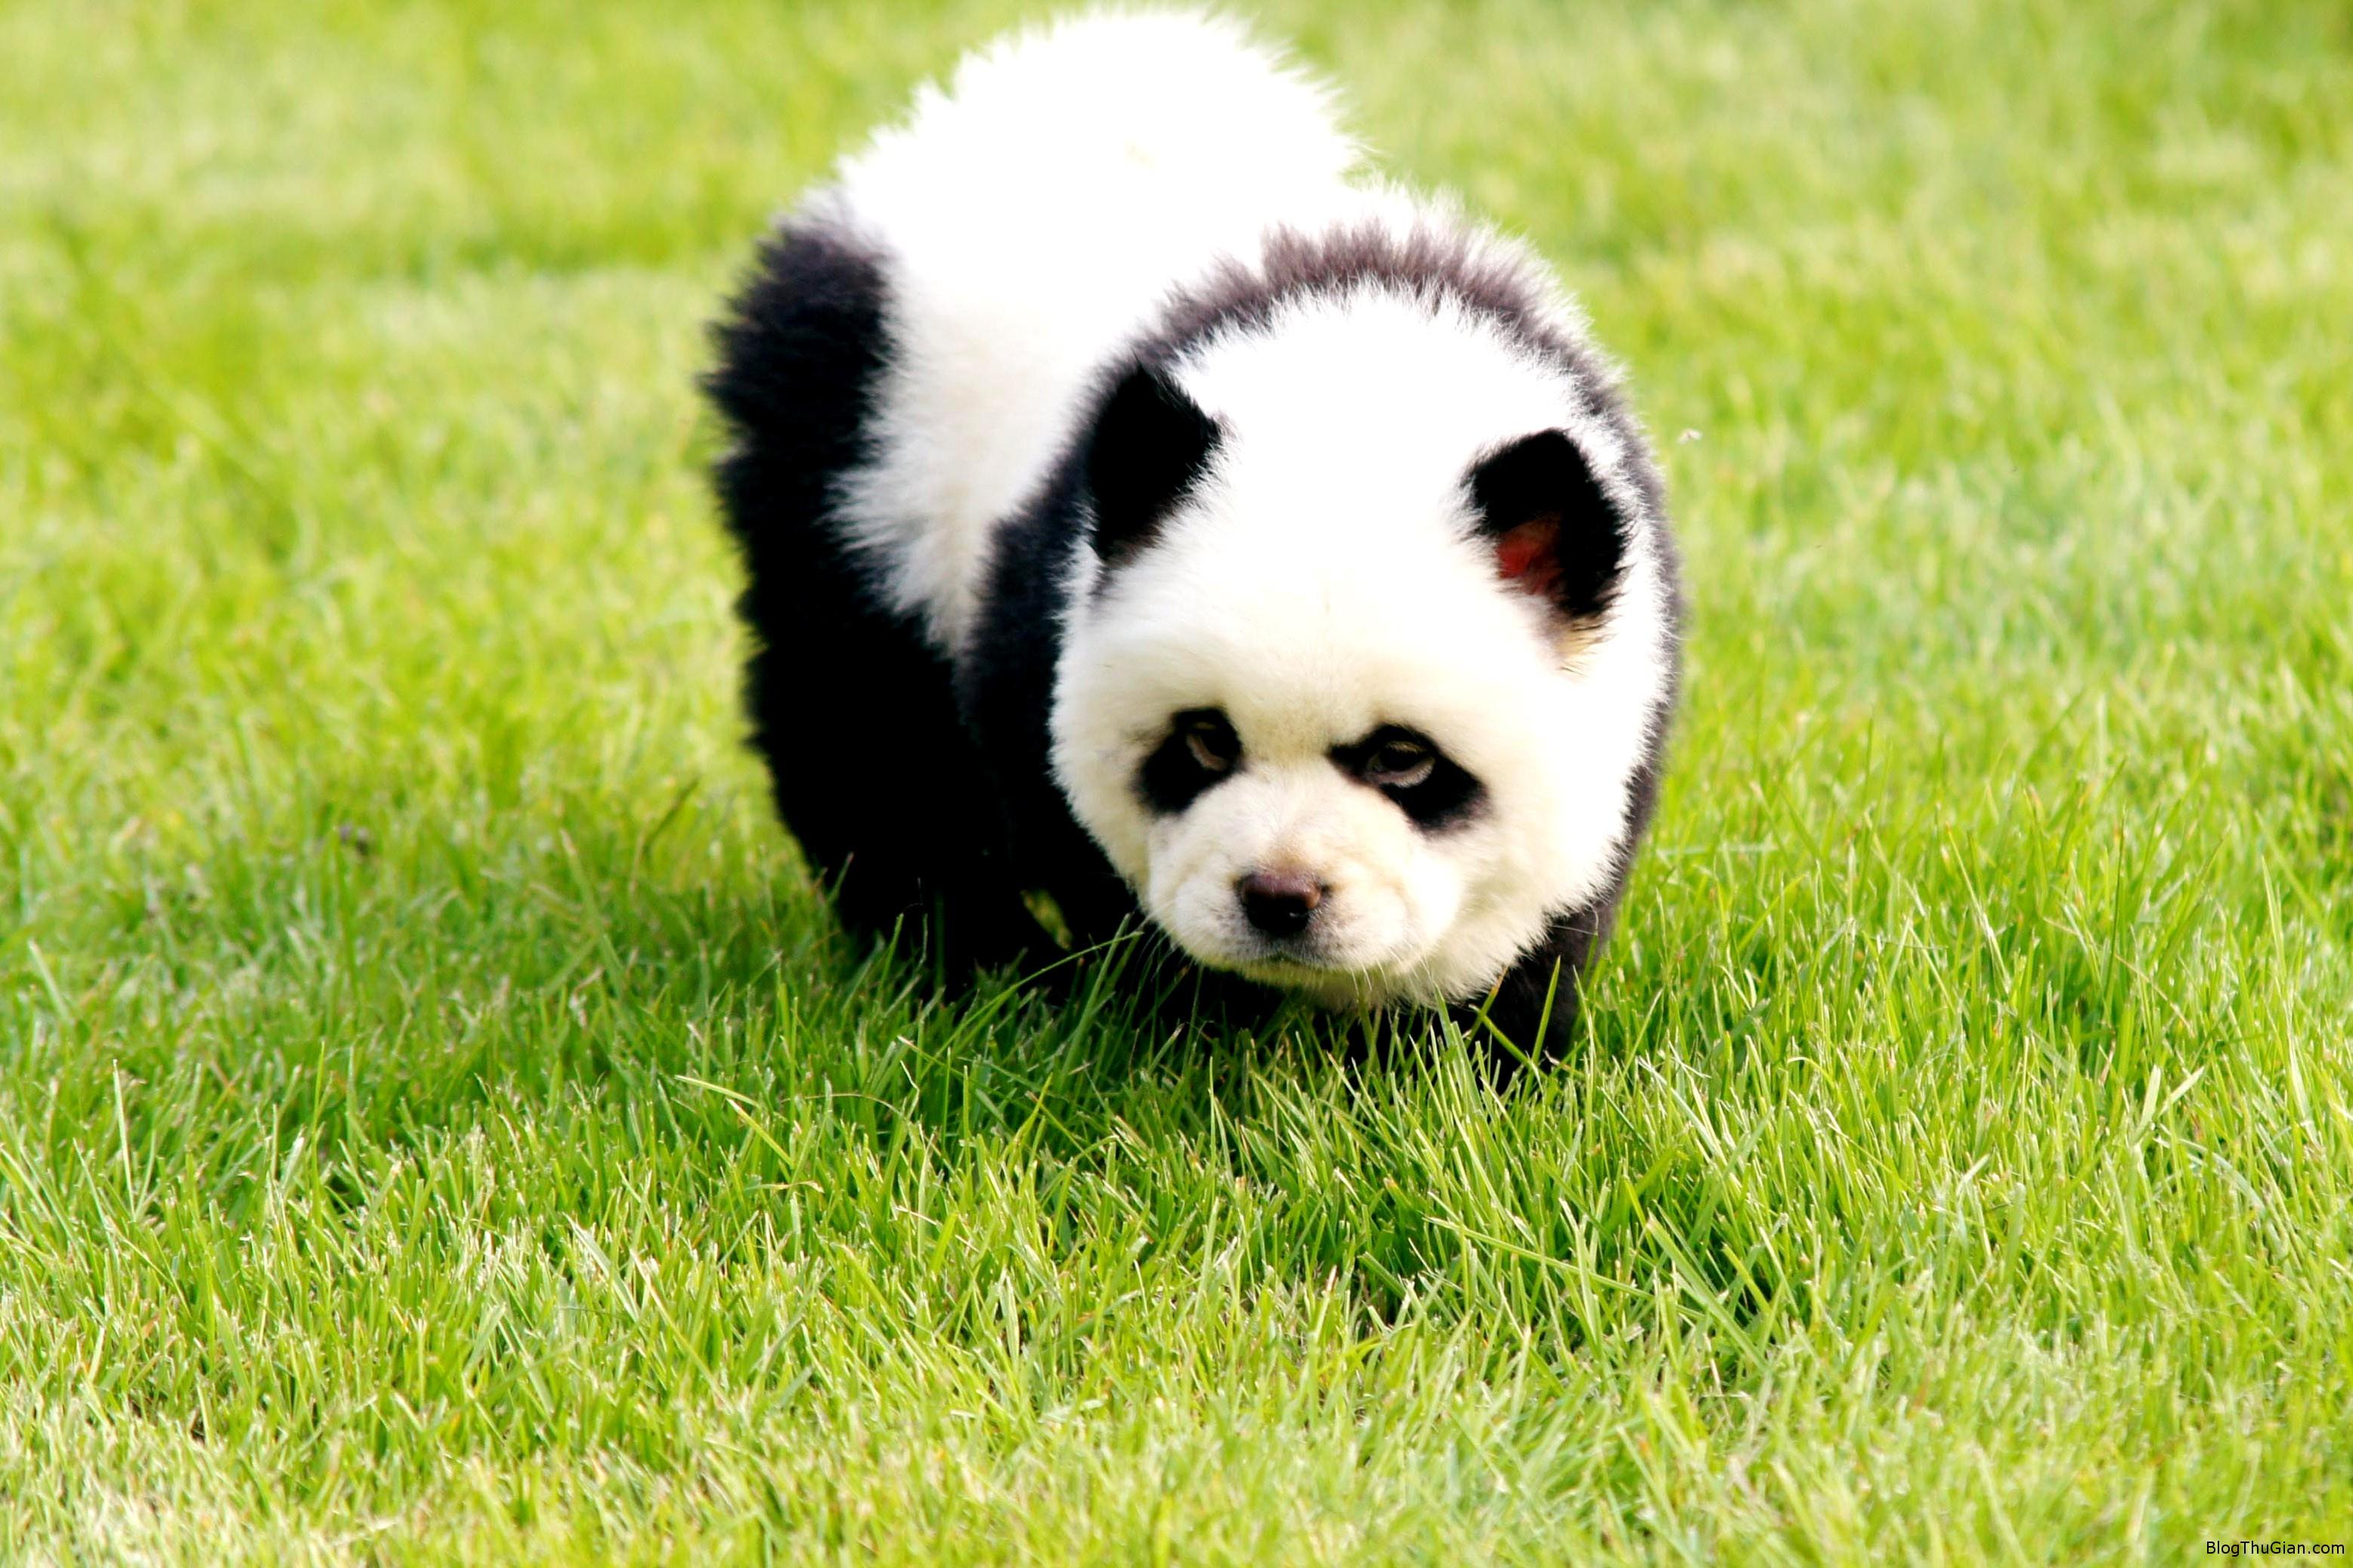 trung quoc xuat hien gau cho Gấu chó xuất hiện ở Trung Quốc